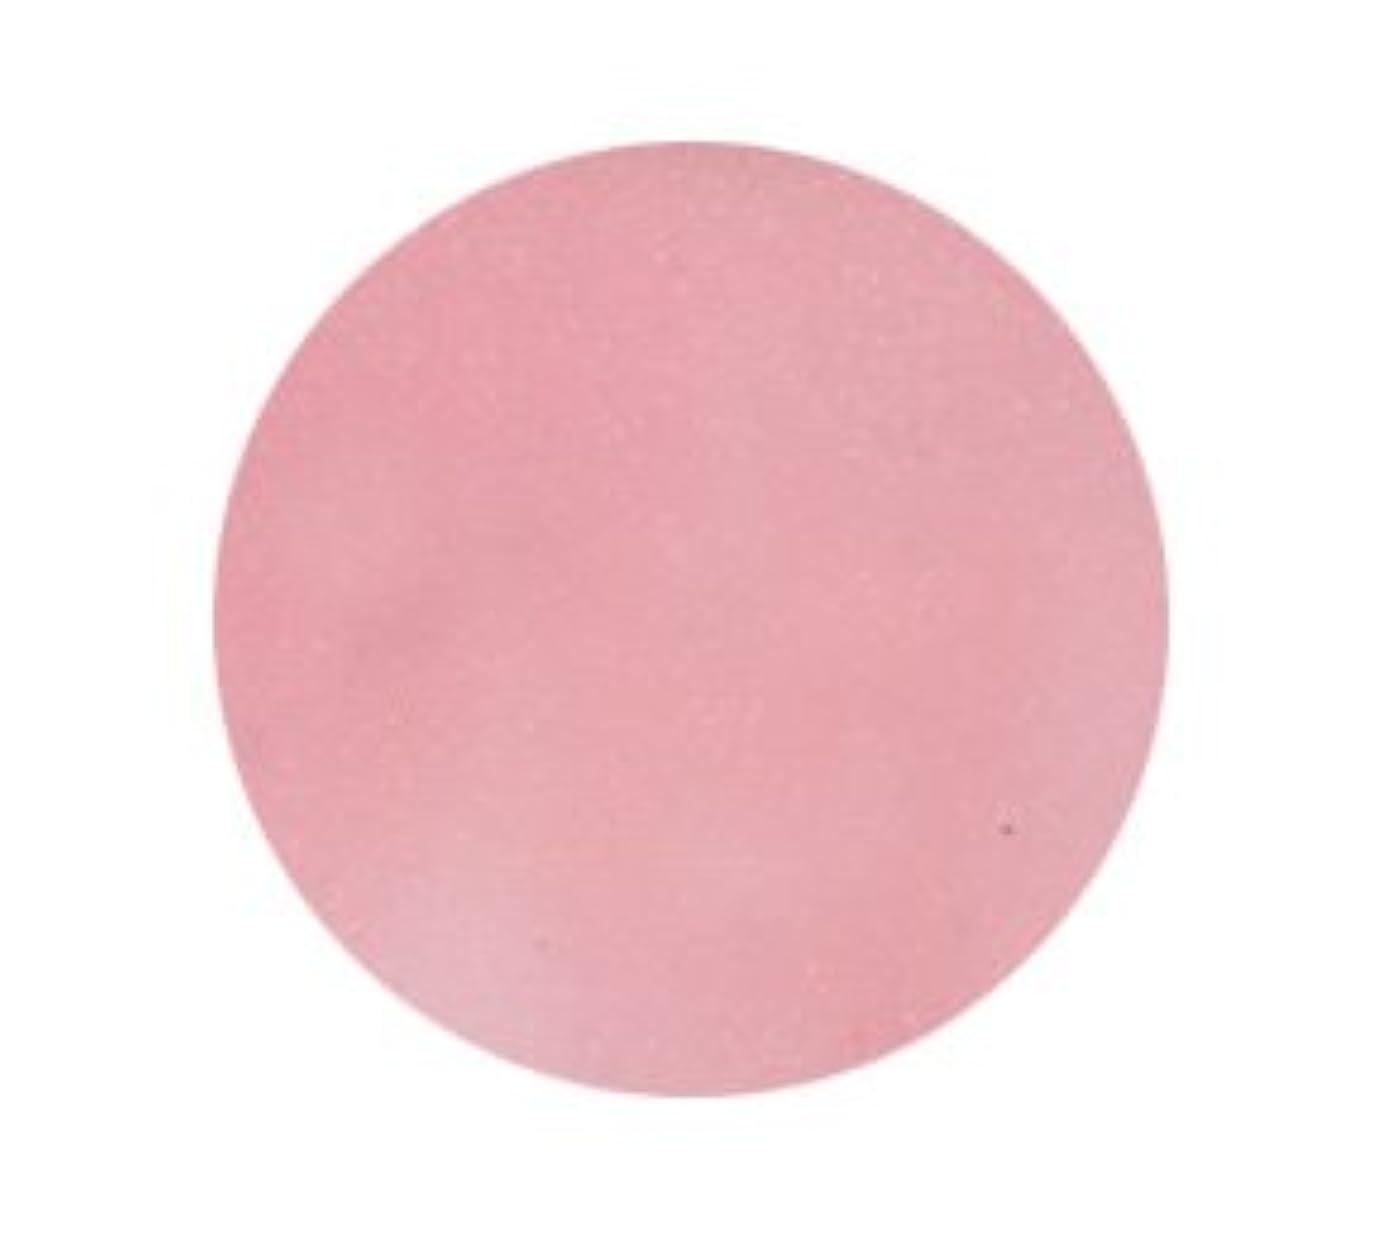 吸収する明日チャレンジ★AMGEL(アンジェル) カラージェル 3g<BR>AG4008 ピンクの吐息